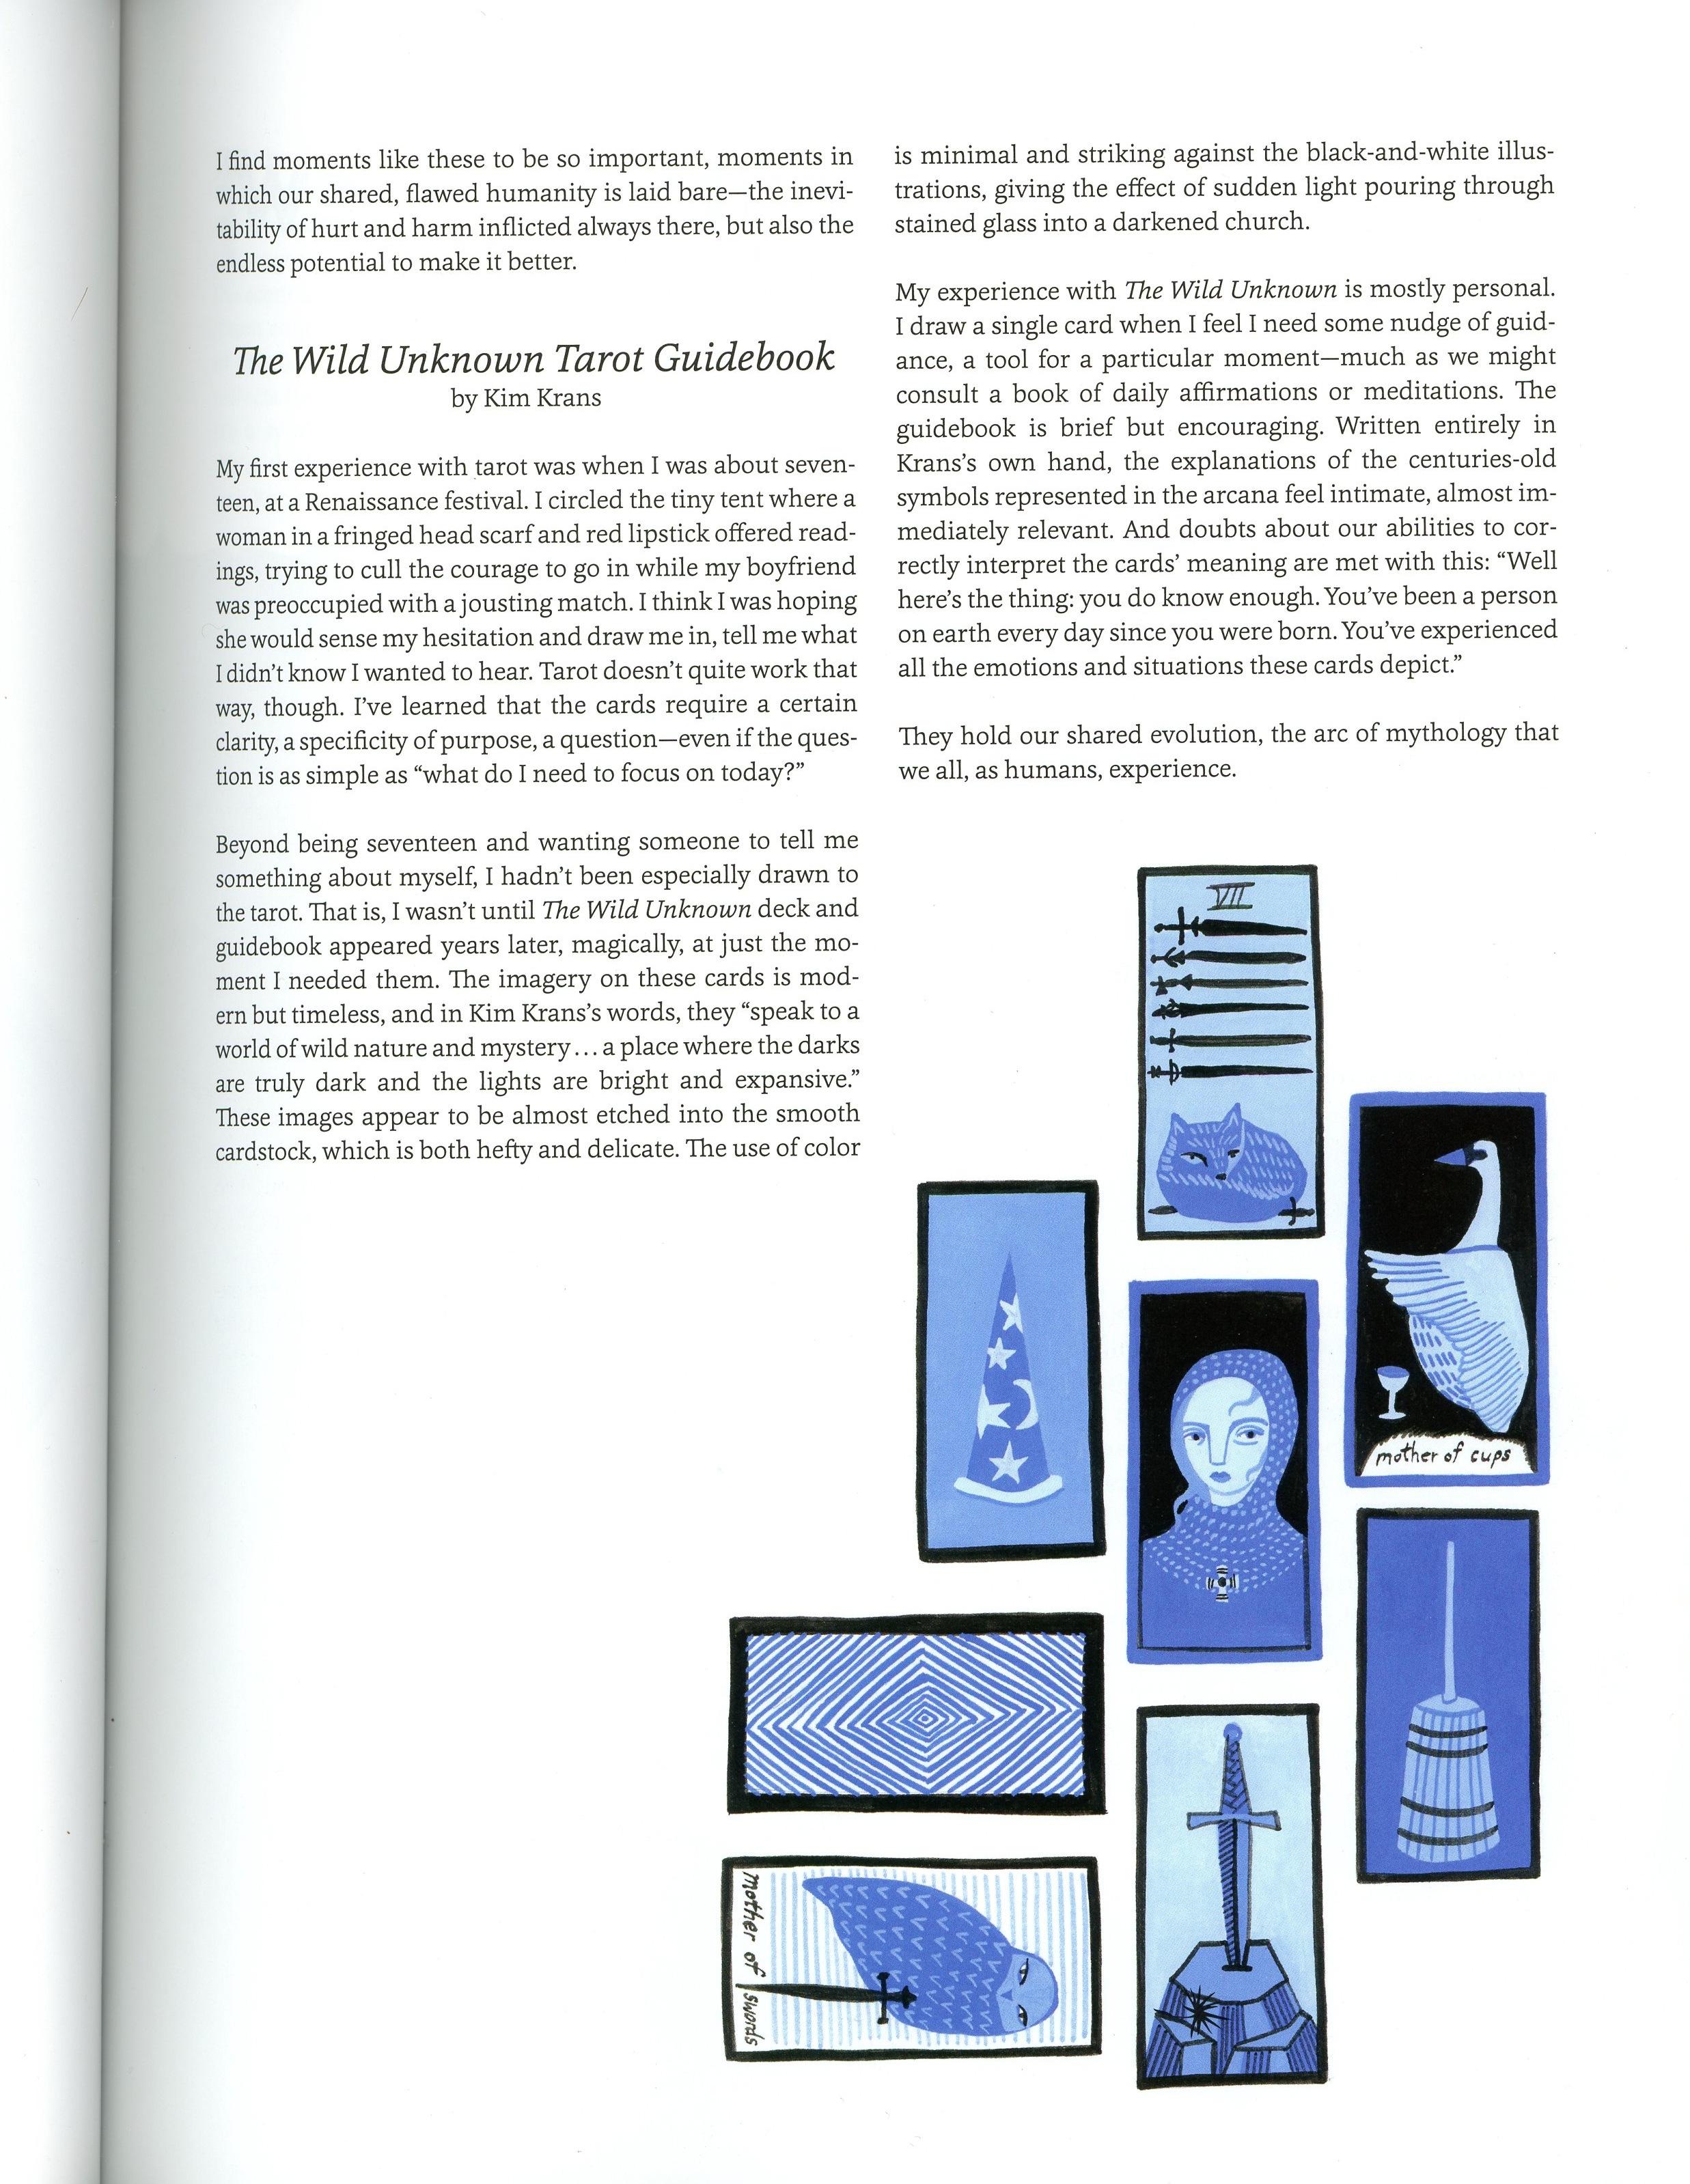 myth magazine004.jpg